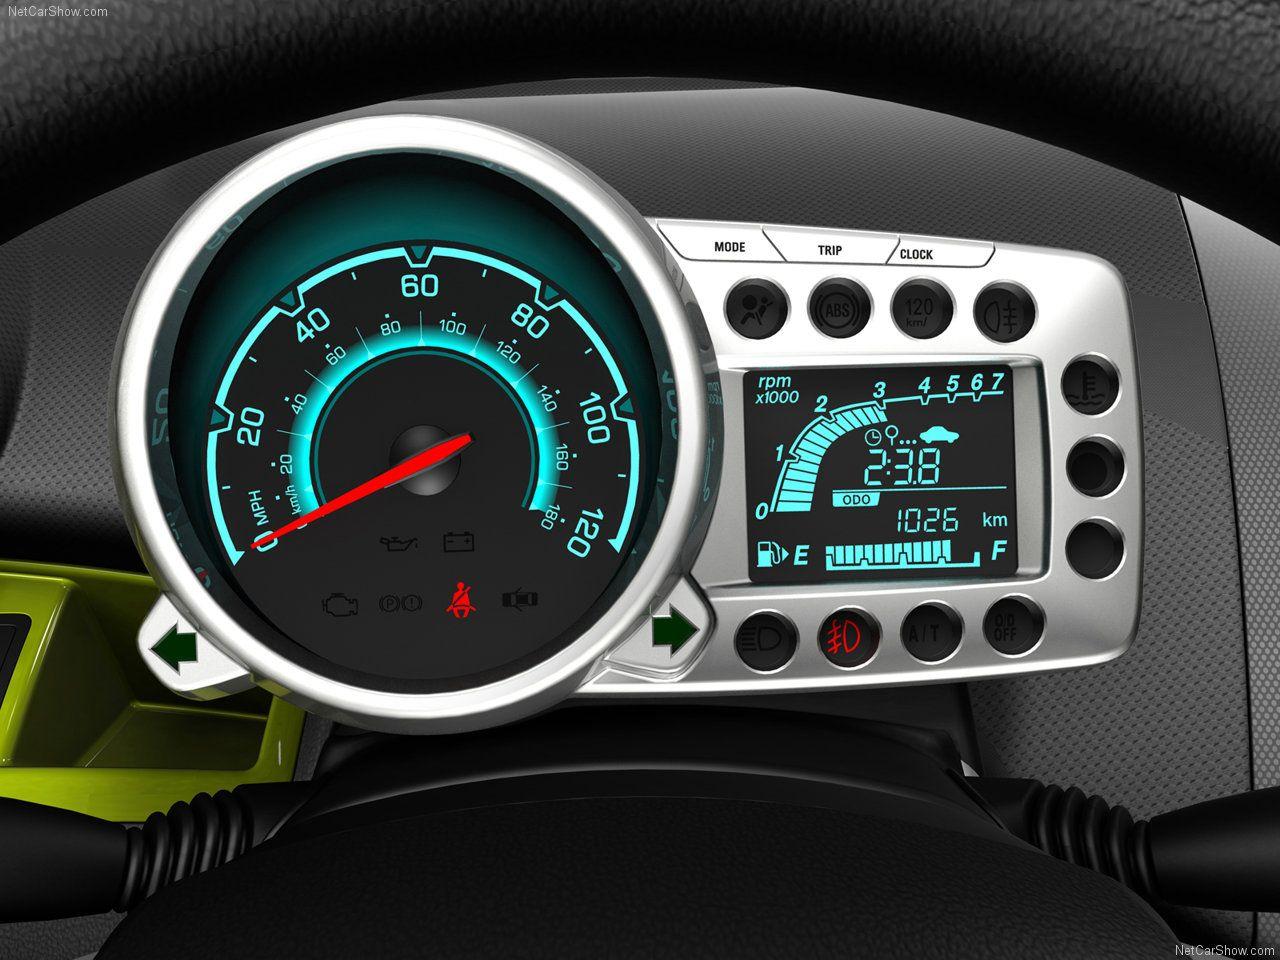 Chevy Spark 2010 Chevrolet Spark Coches Personalizados Venta